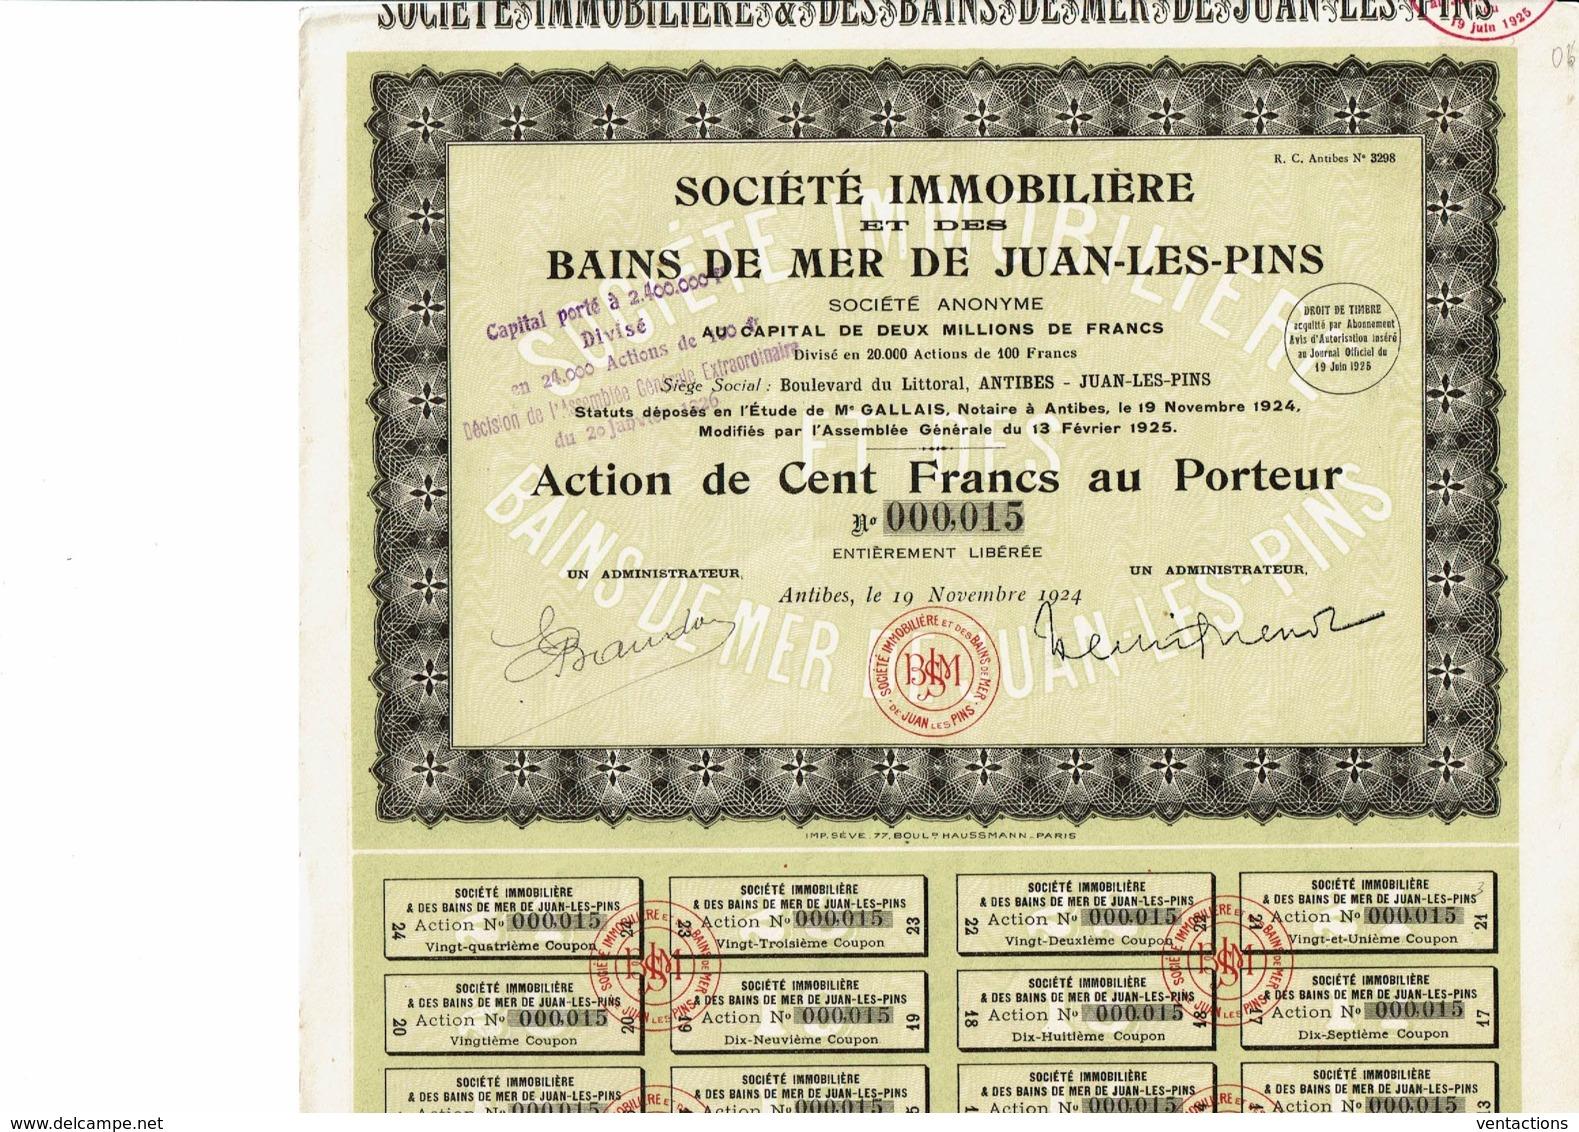 06-IMMOBILIERE ET DES BAINS DE MER DE JUAN-LES-PINS. Action 1924 - Shareholdings